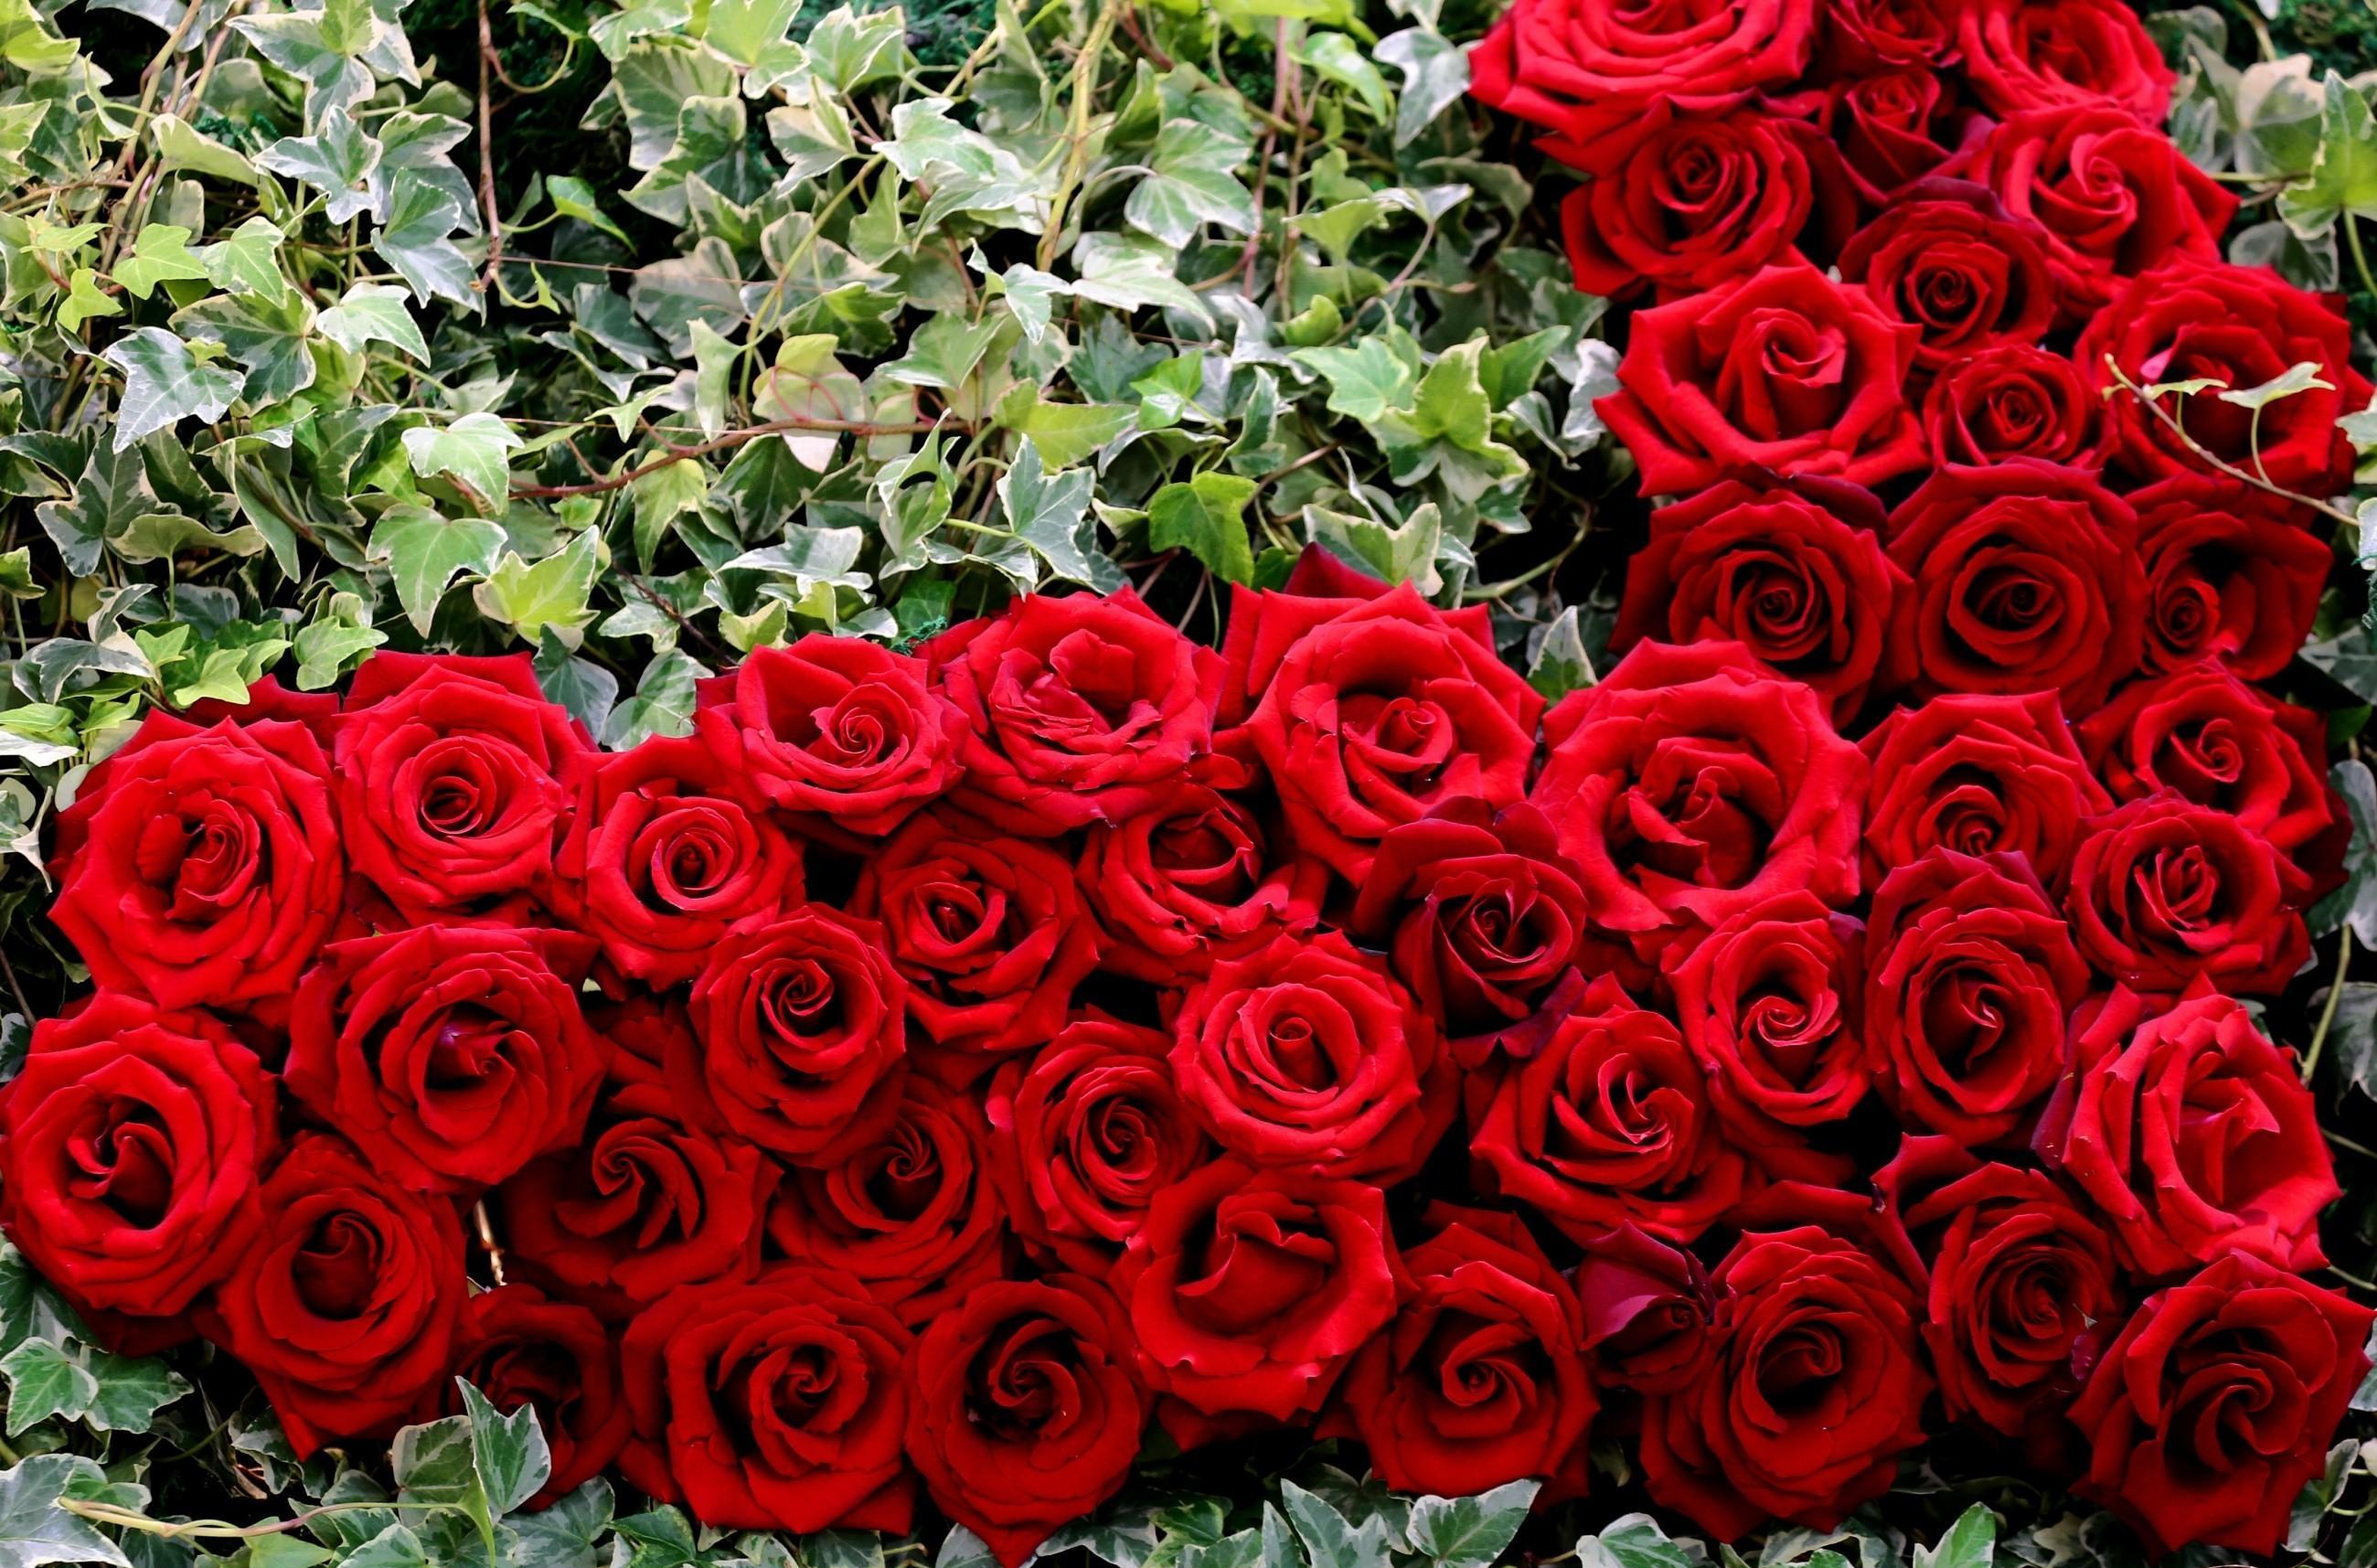 гладкой кожи покажи мне фото цветы розы волгоградская